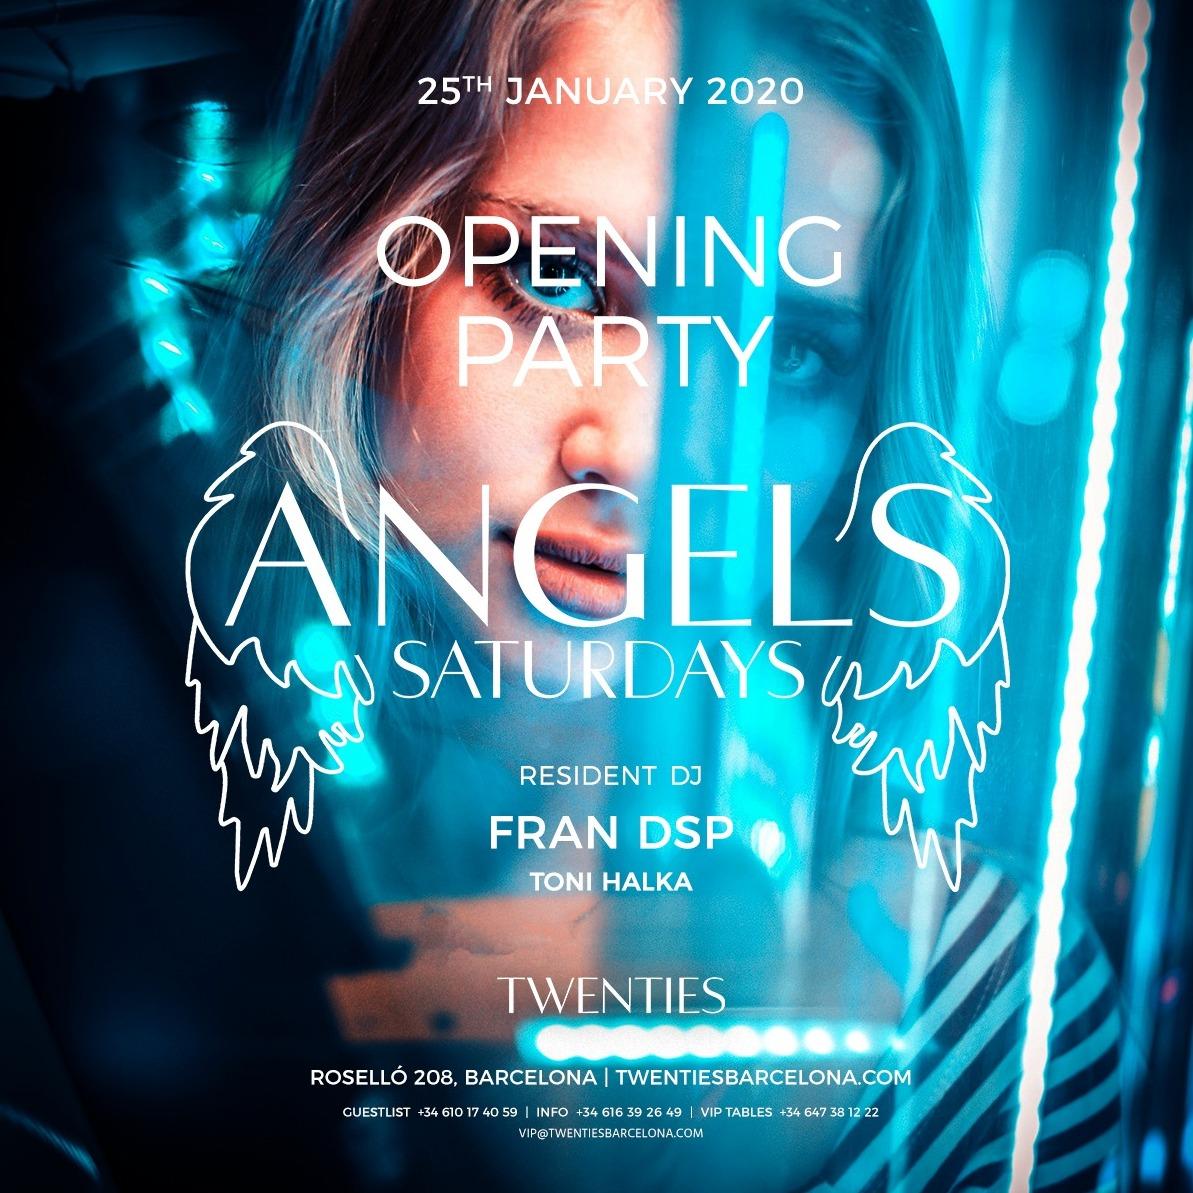 Saturday - Angels - Twenties - Club Twenties Barcelona